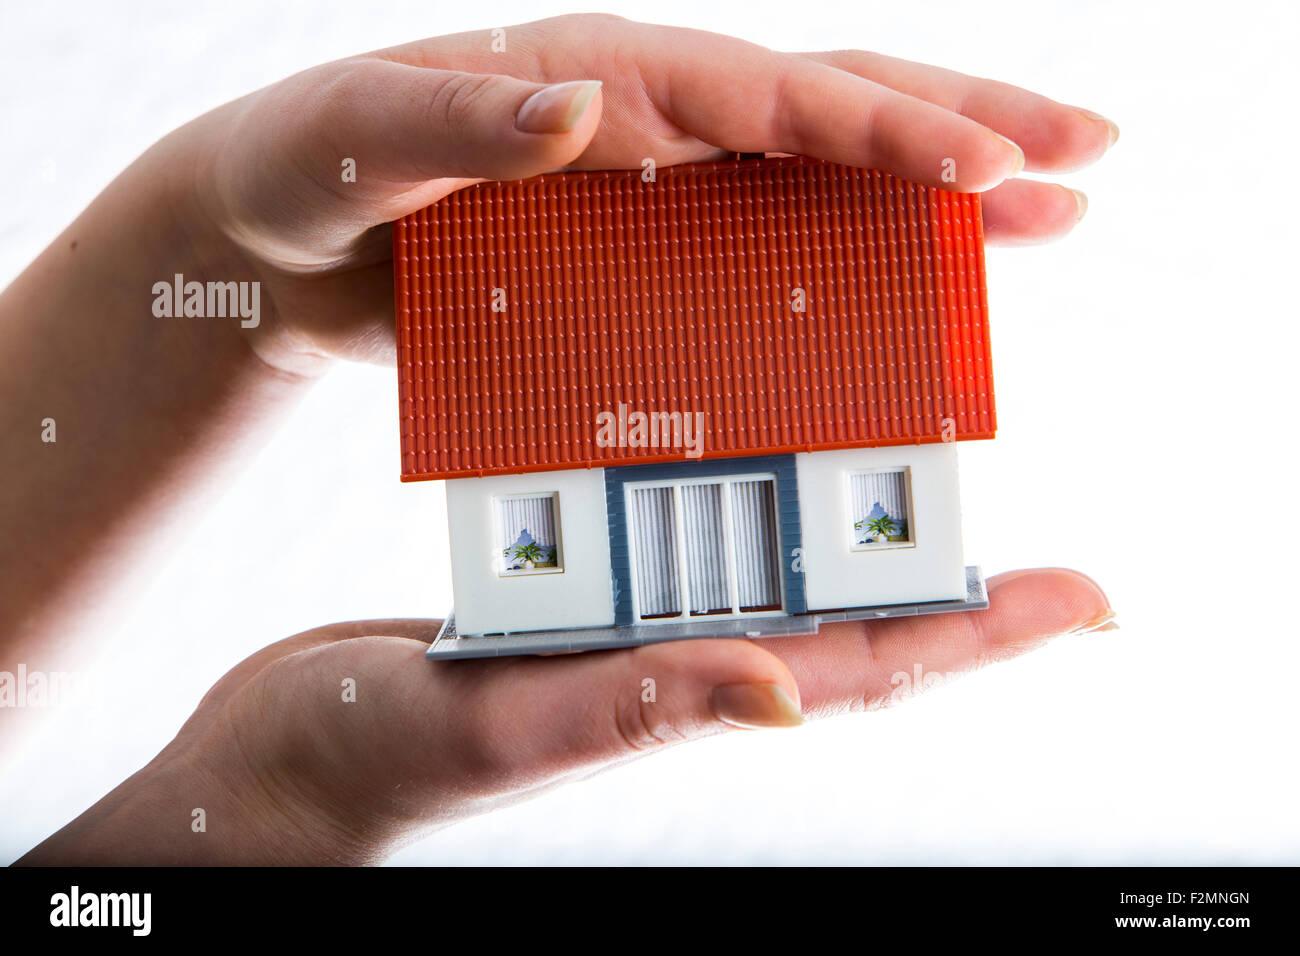 Symbolisches Bild, privates Haus, Immobilien, Schutz, sicher, Sicherheit Stockbild